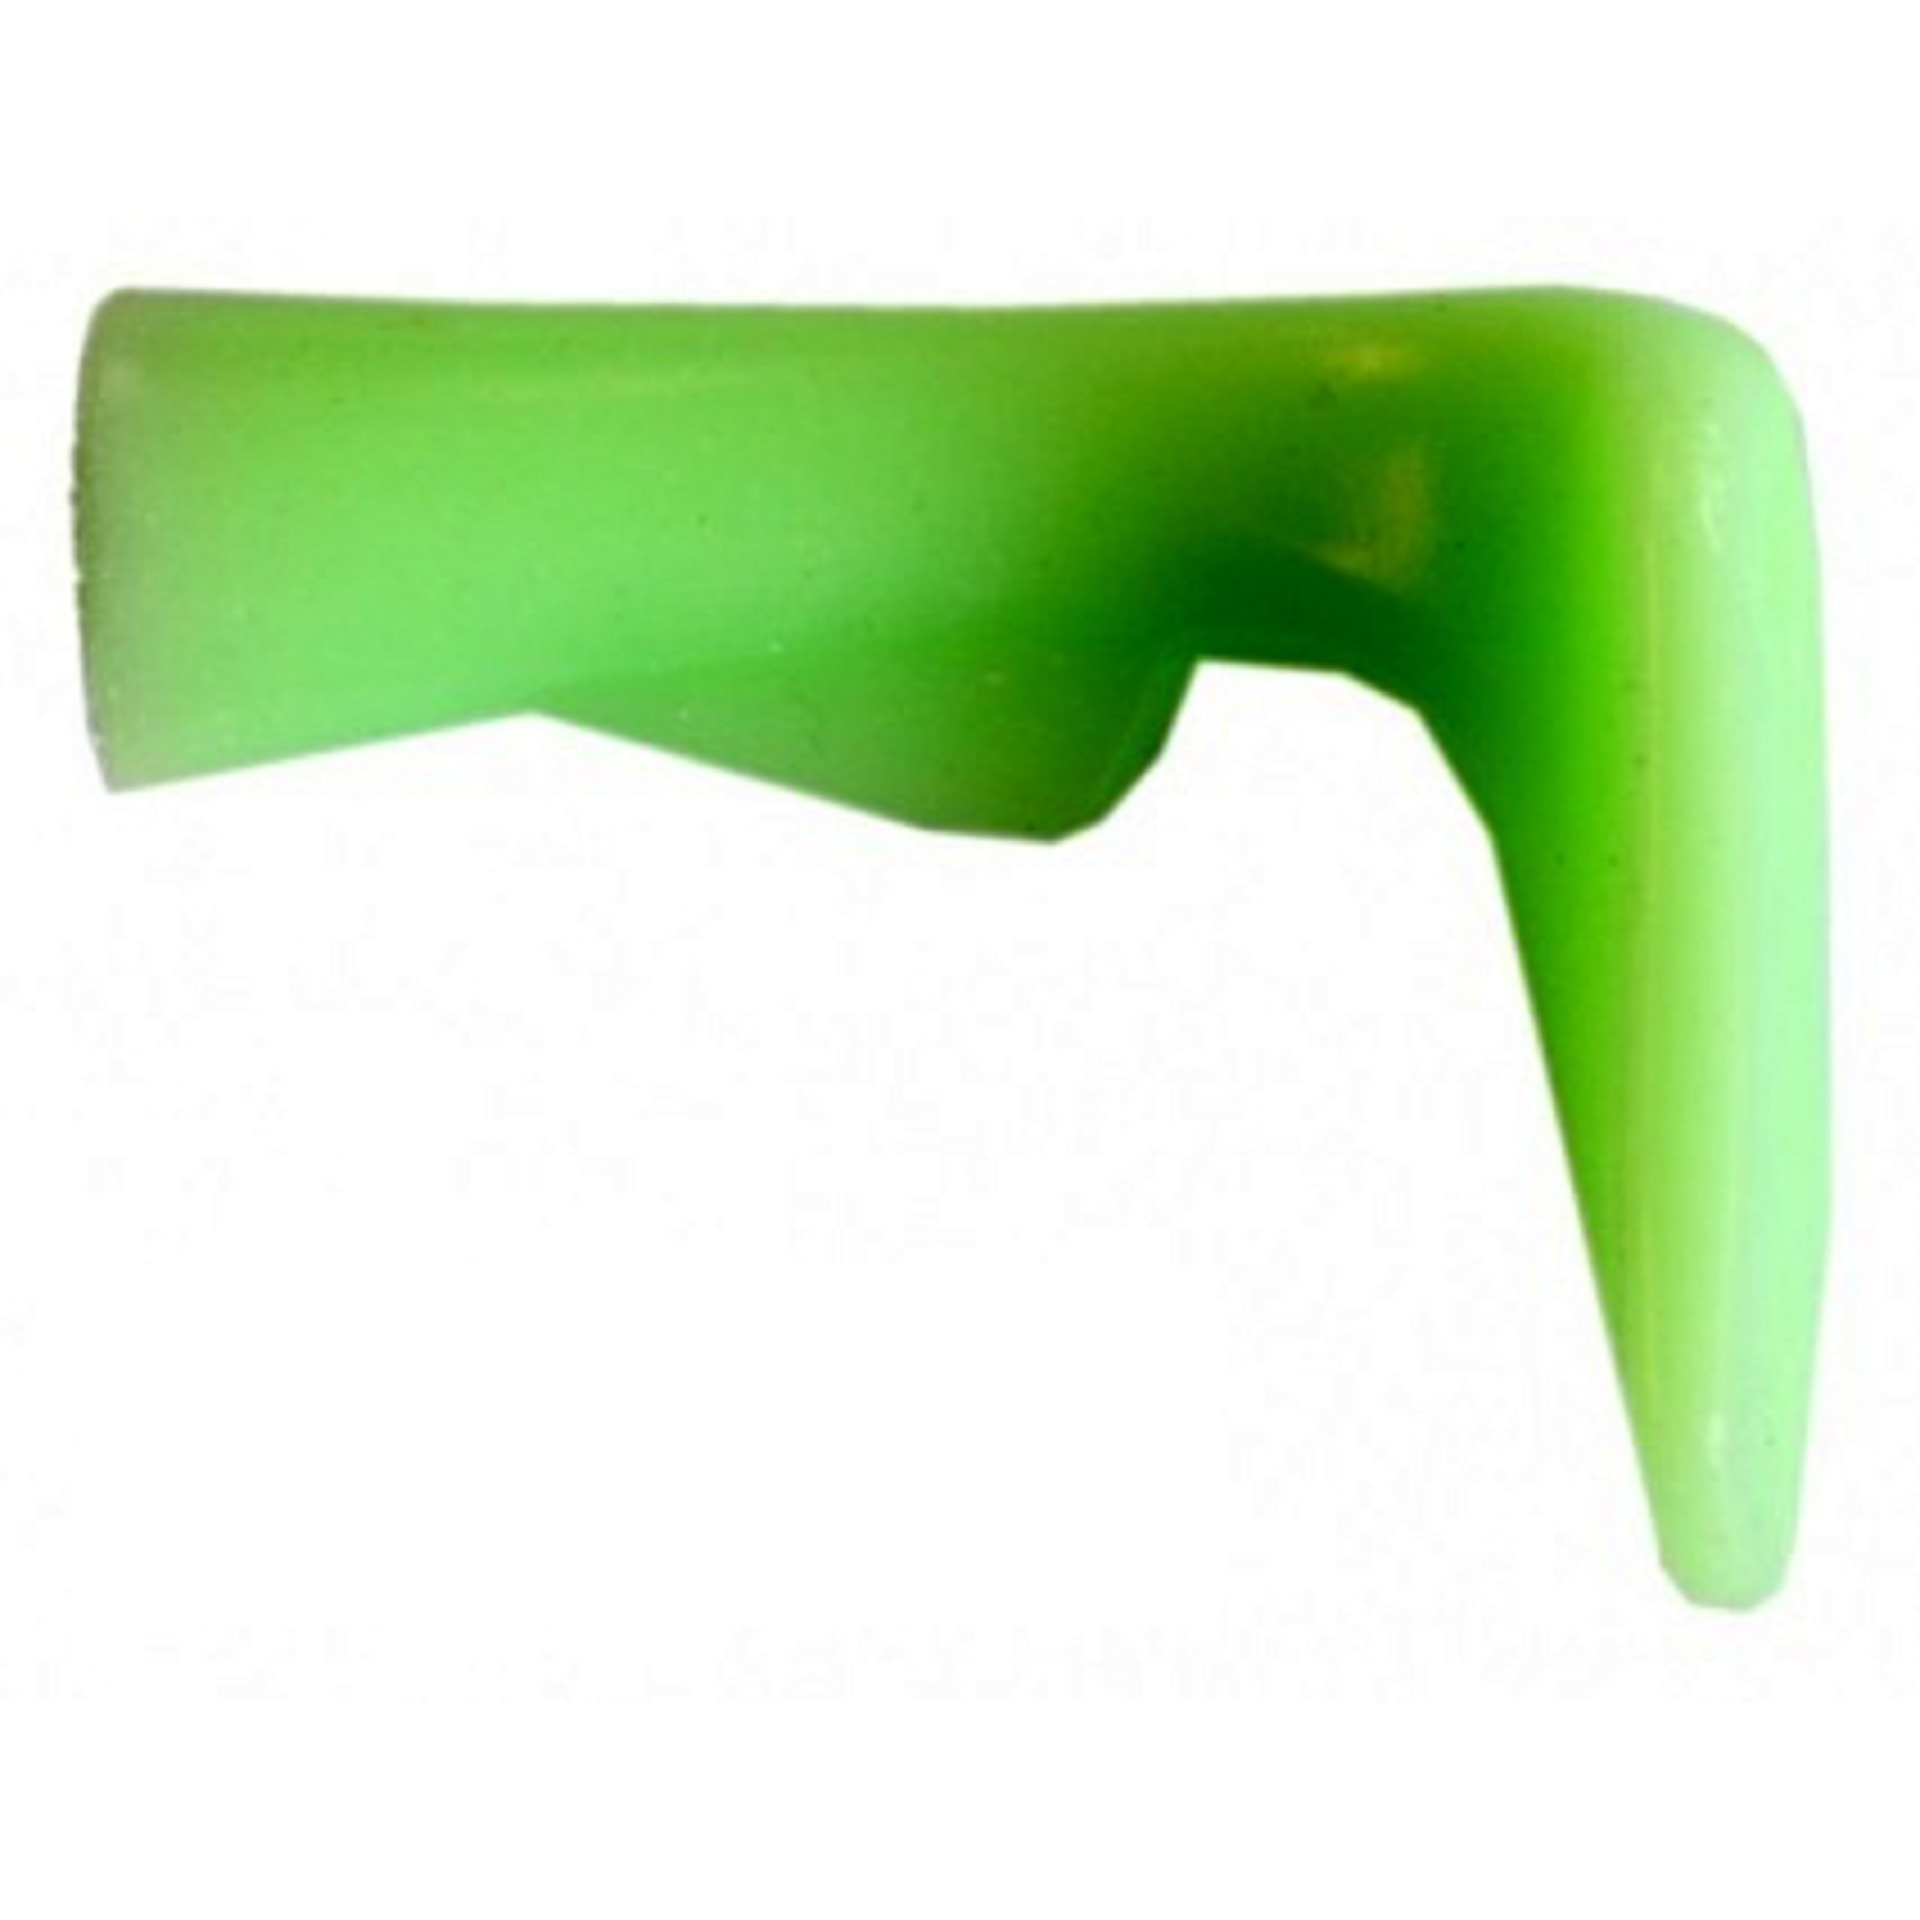 Svartzonker Paddletail Glow Light Green